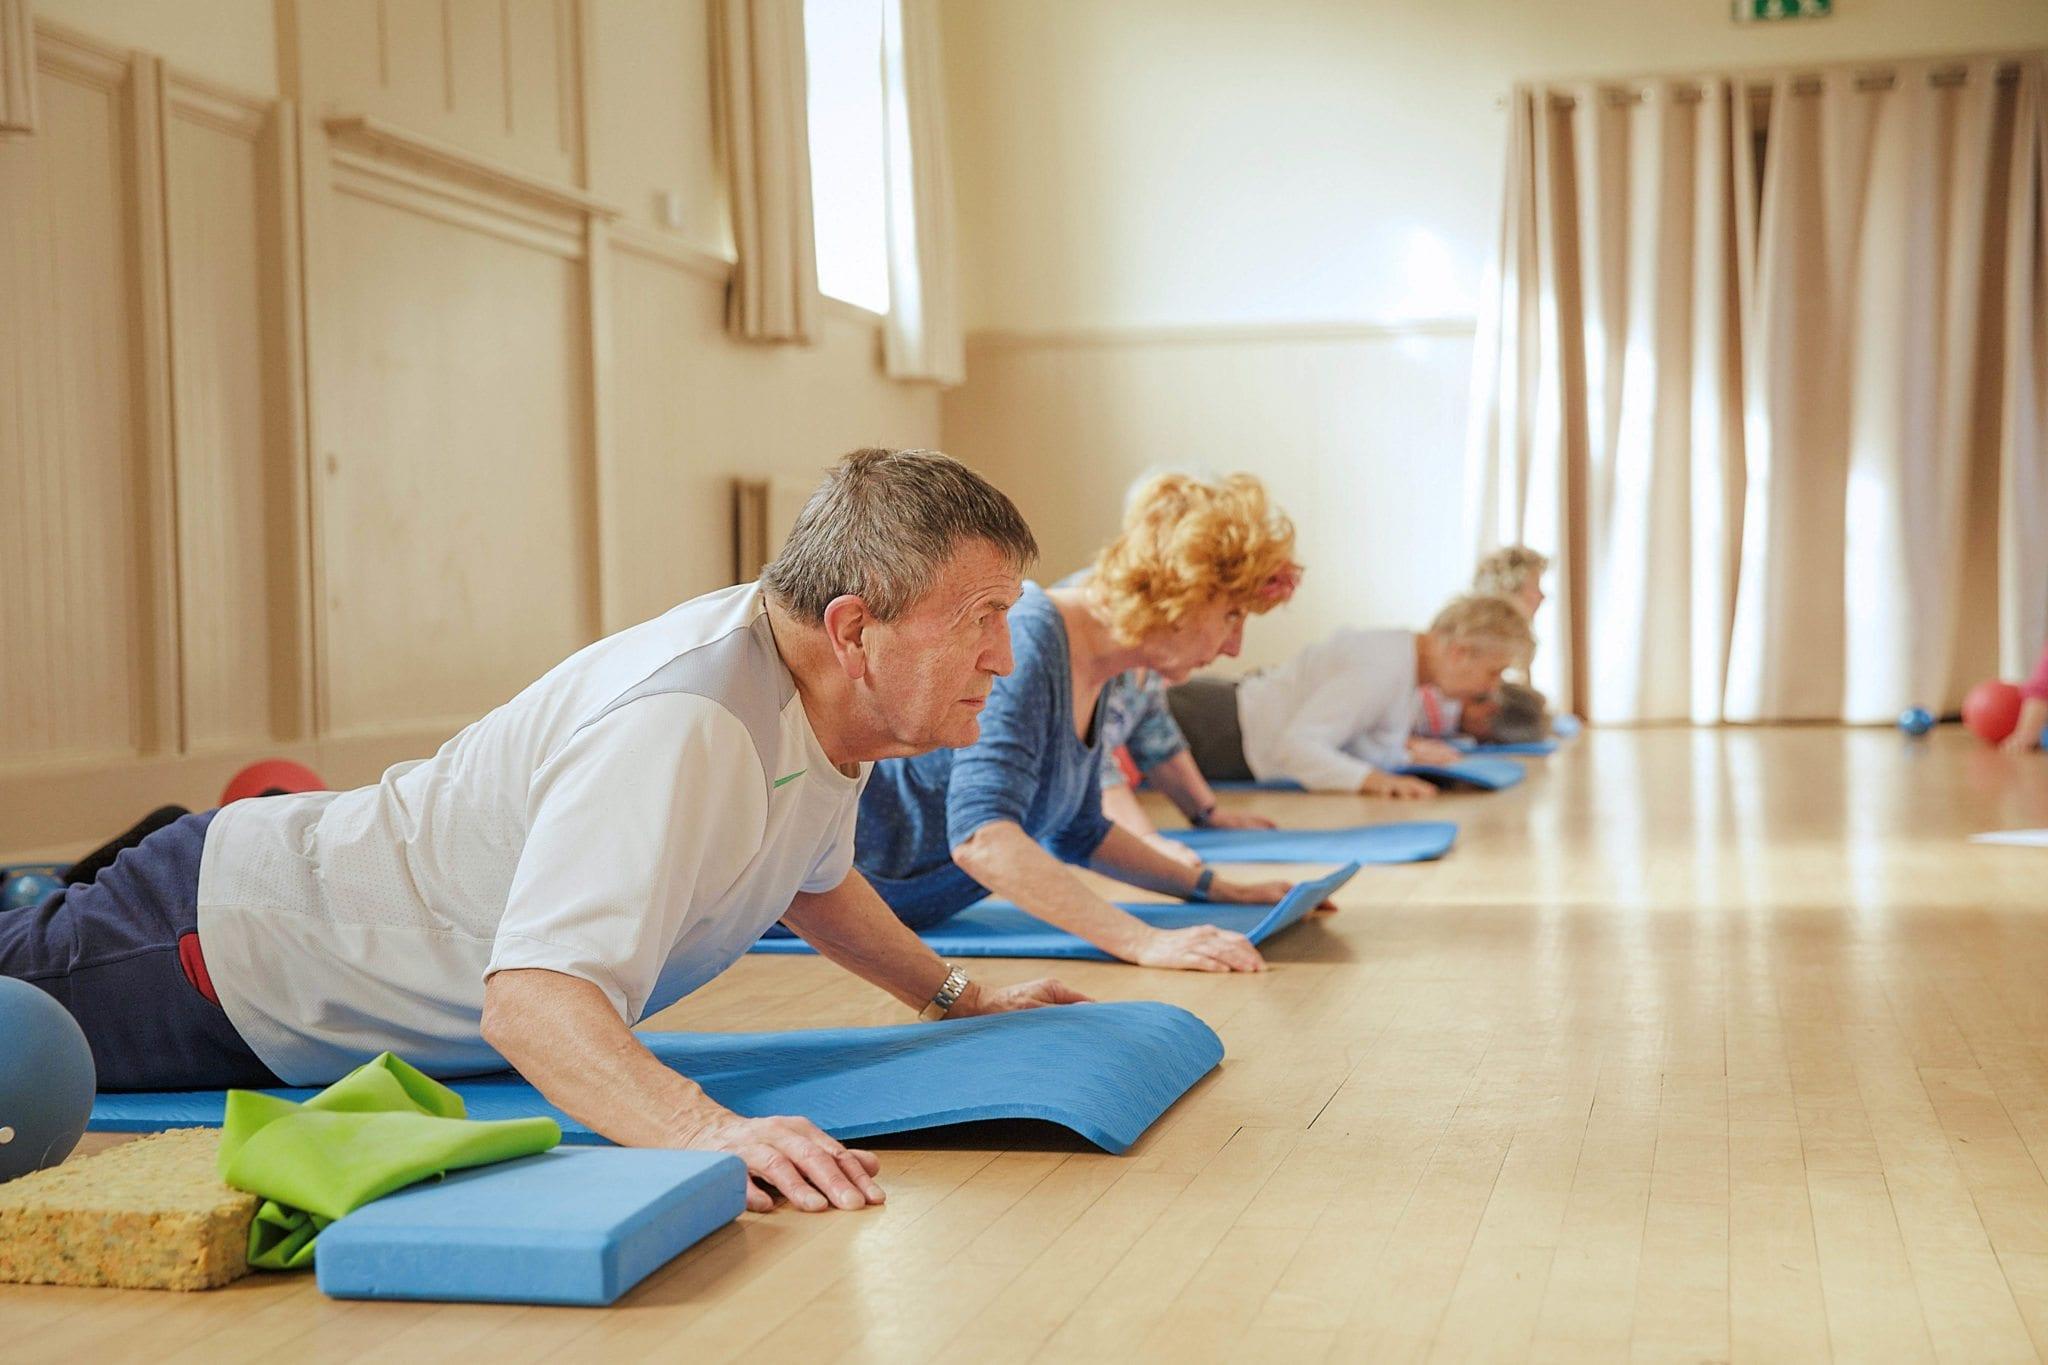 New Pilates Practise Video online now! - Studio 44 Pilates